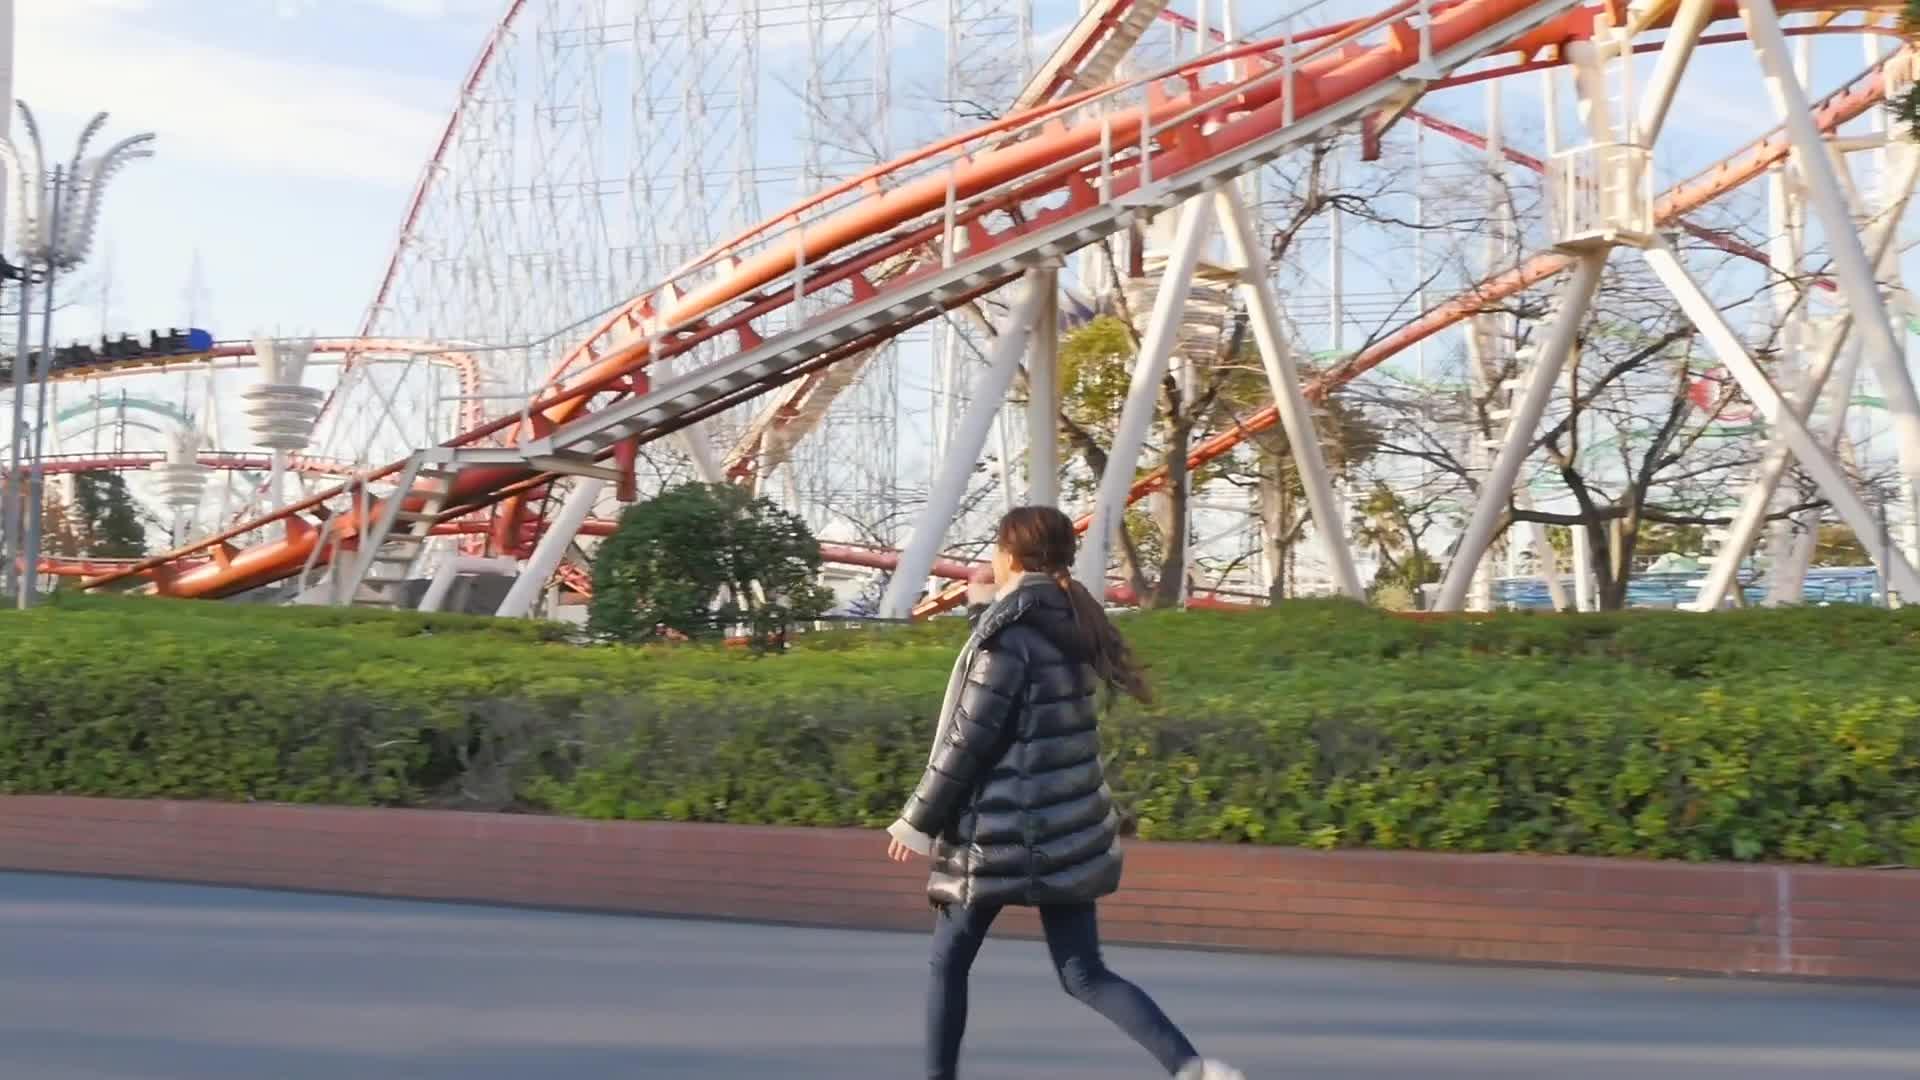 日本国内超人气灯光秀打卡胜地-名花之里!还可以逛奥莱泡温泉哦